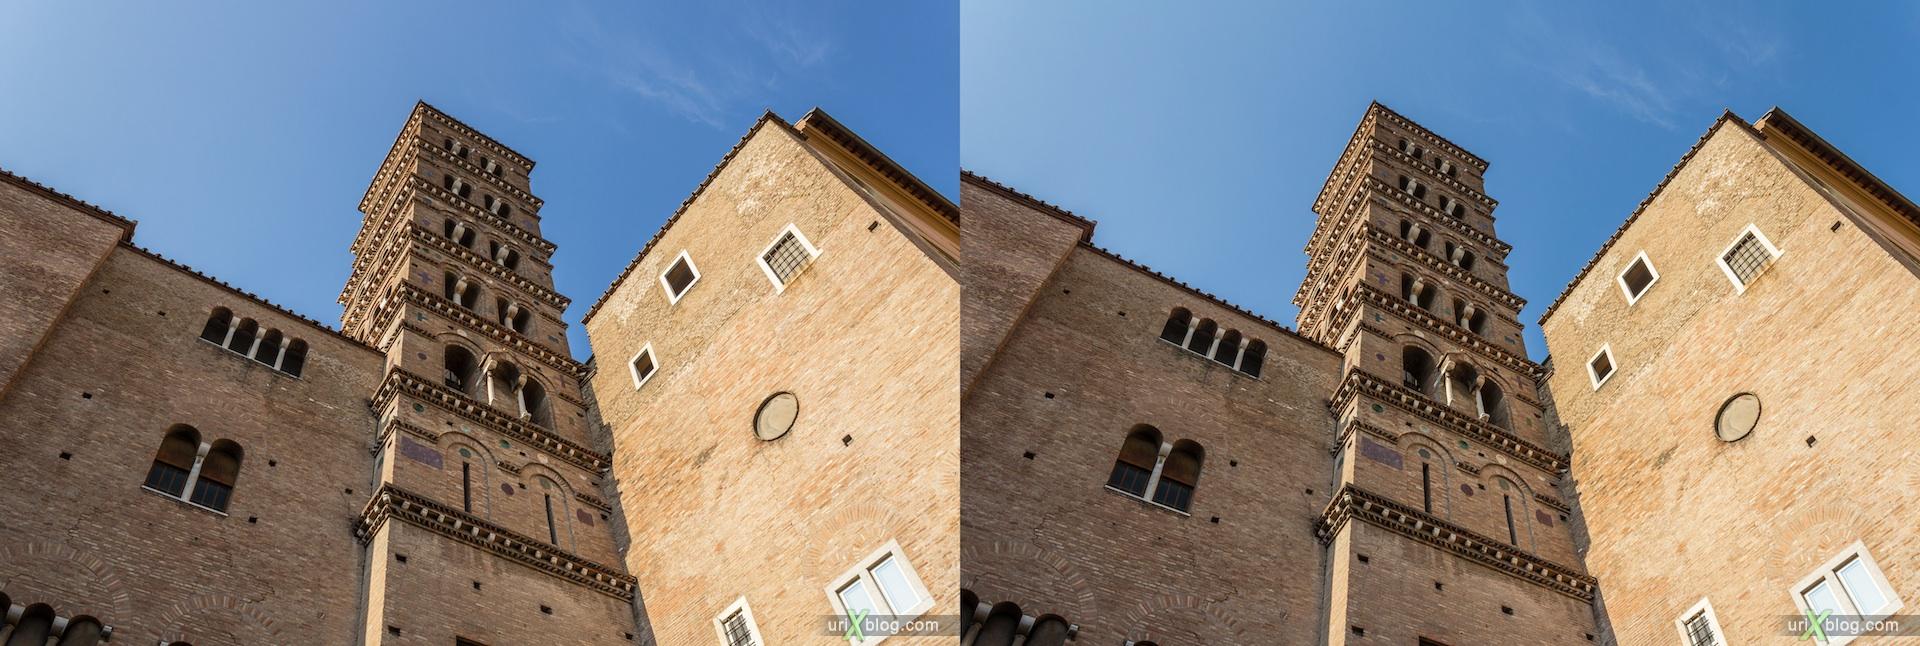 2012, церковь Санти-Джованни-э-Паоло, собор, христианство, католичество, Рим, Италия, осень, 3D, перекрёстные стереопары, стерео, стереопара, стереопары